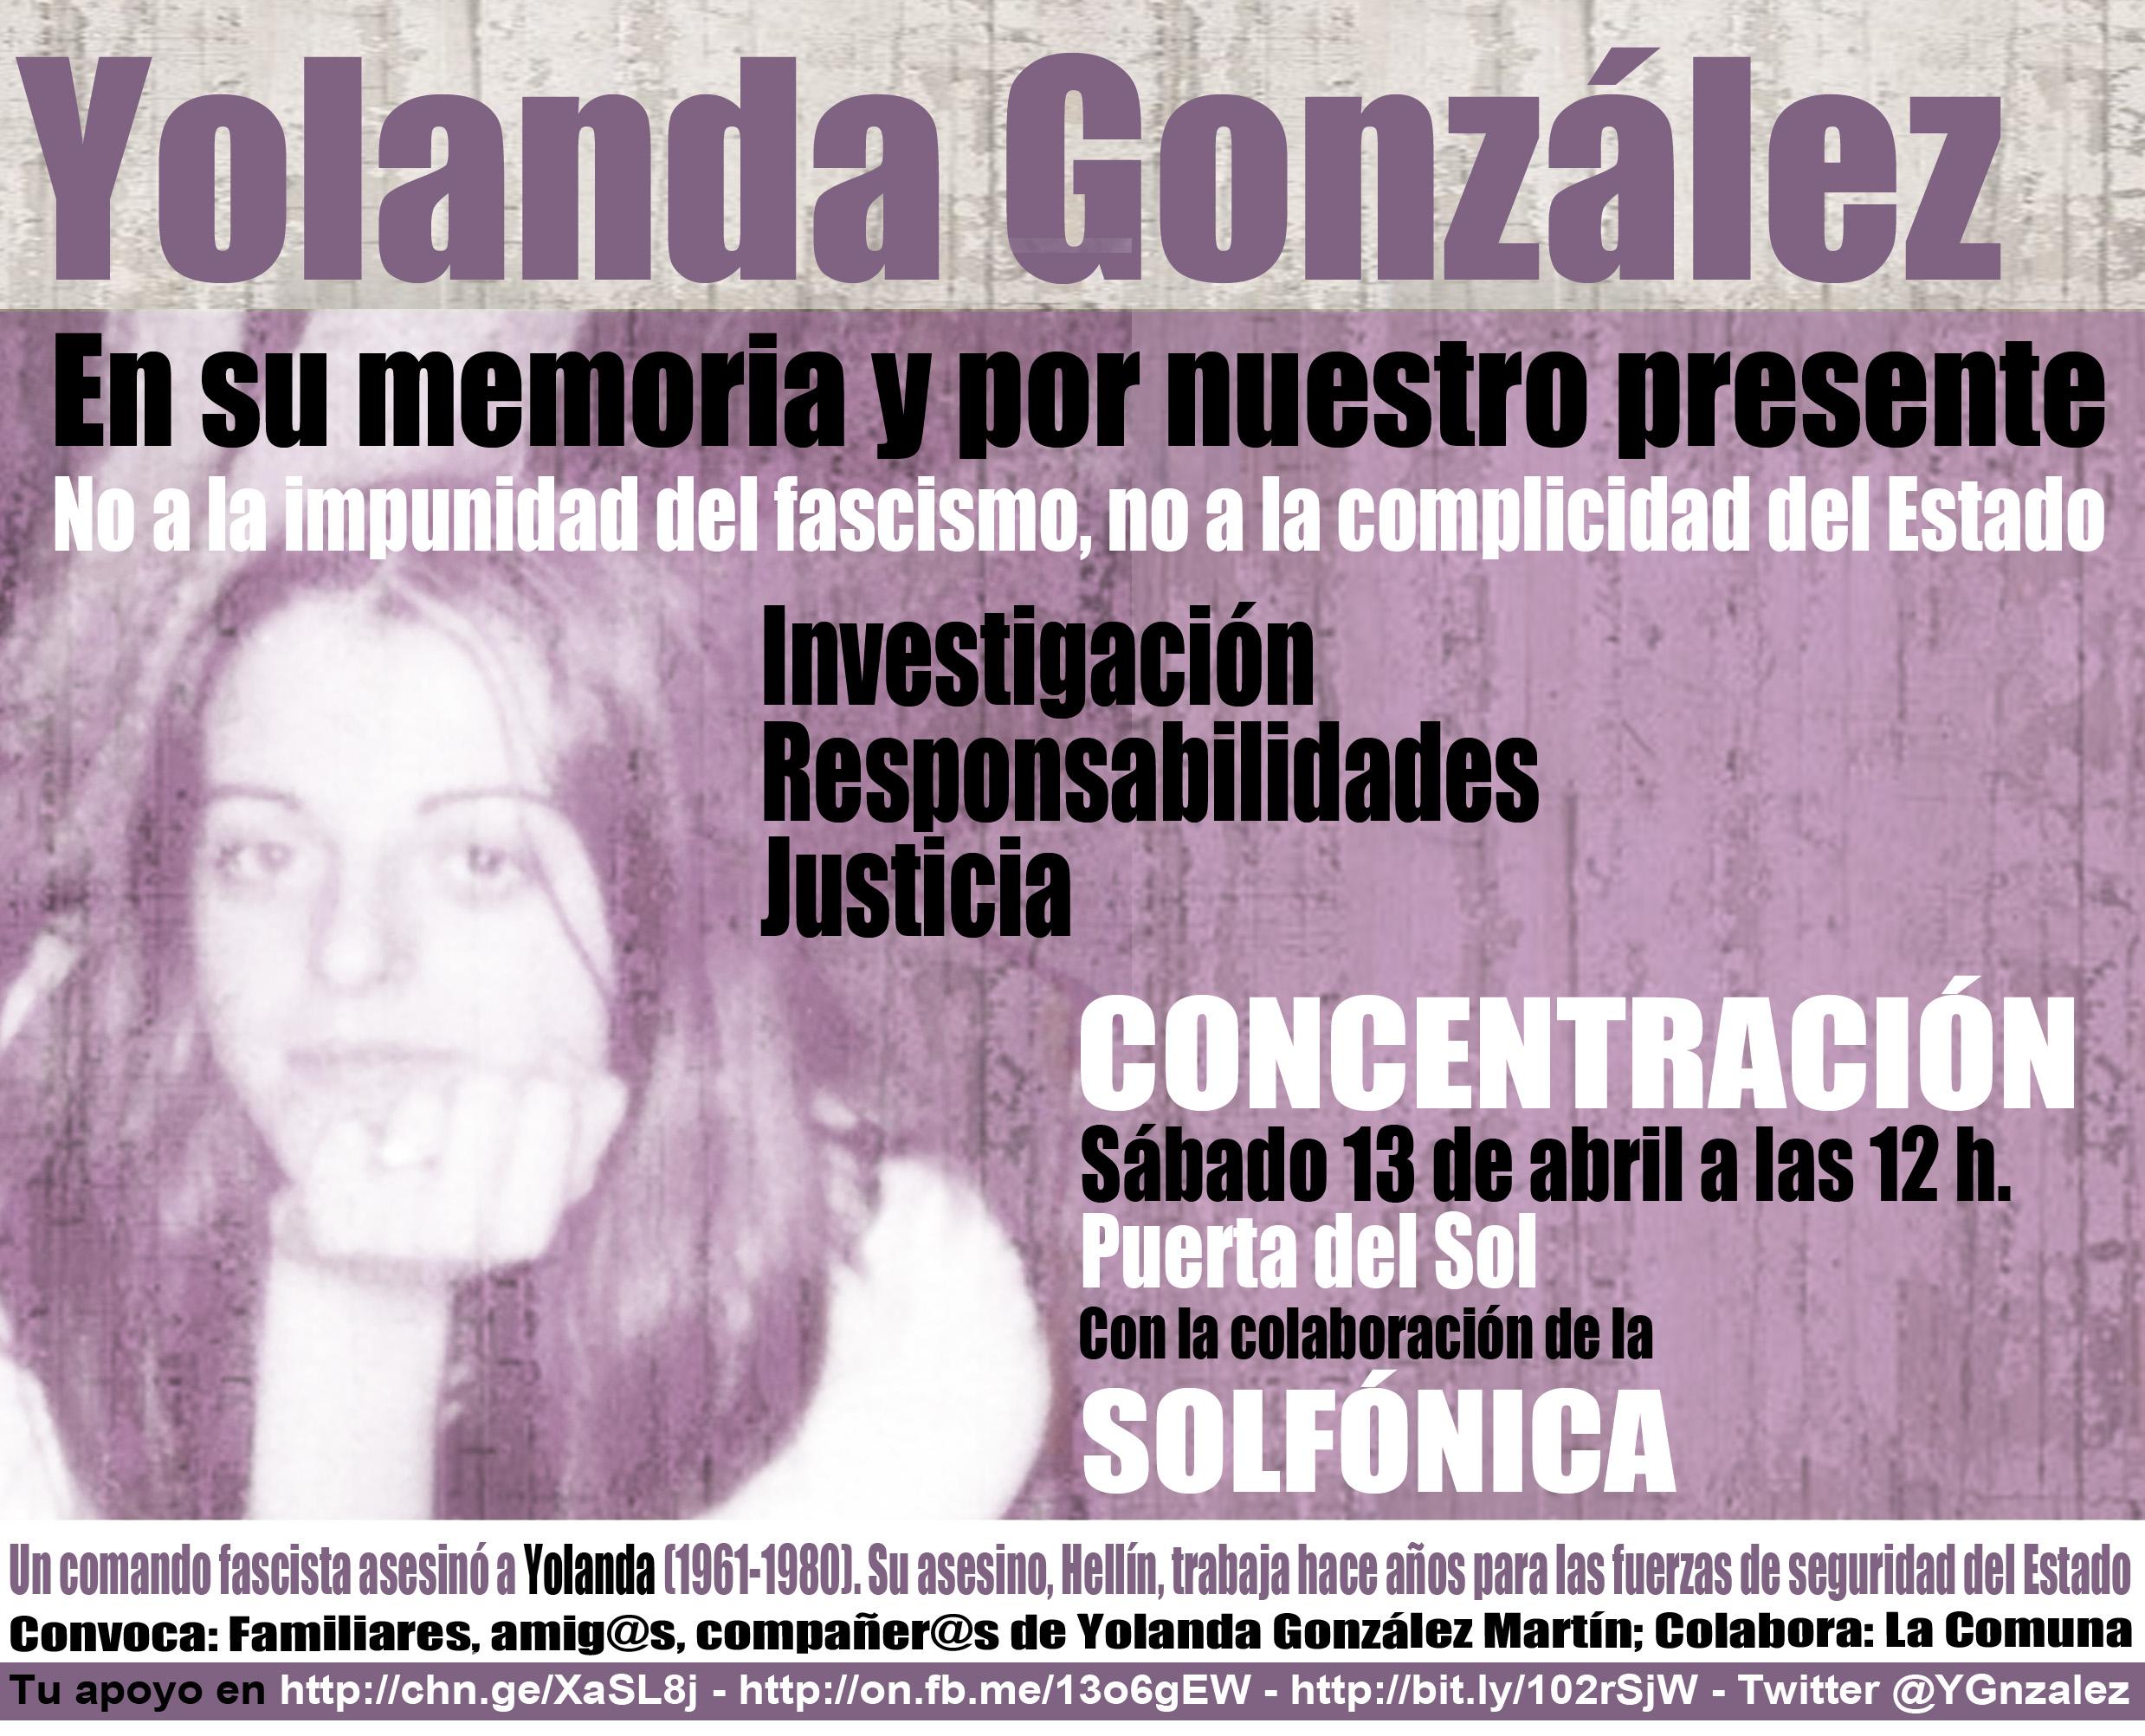 Manifestación Yolanda González 13 abril 2013